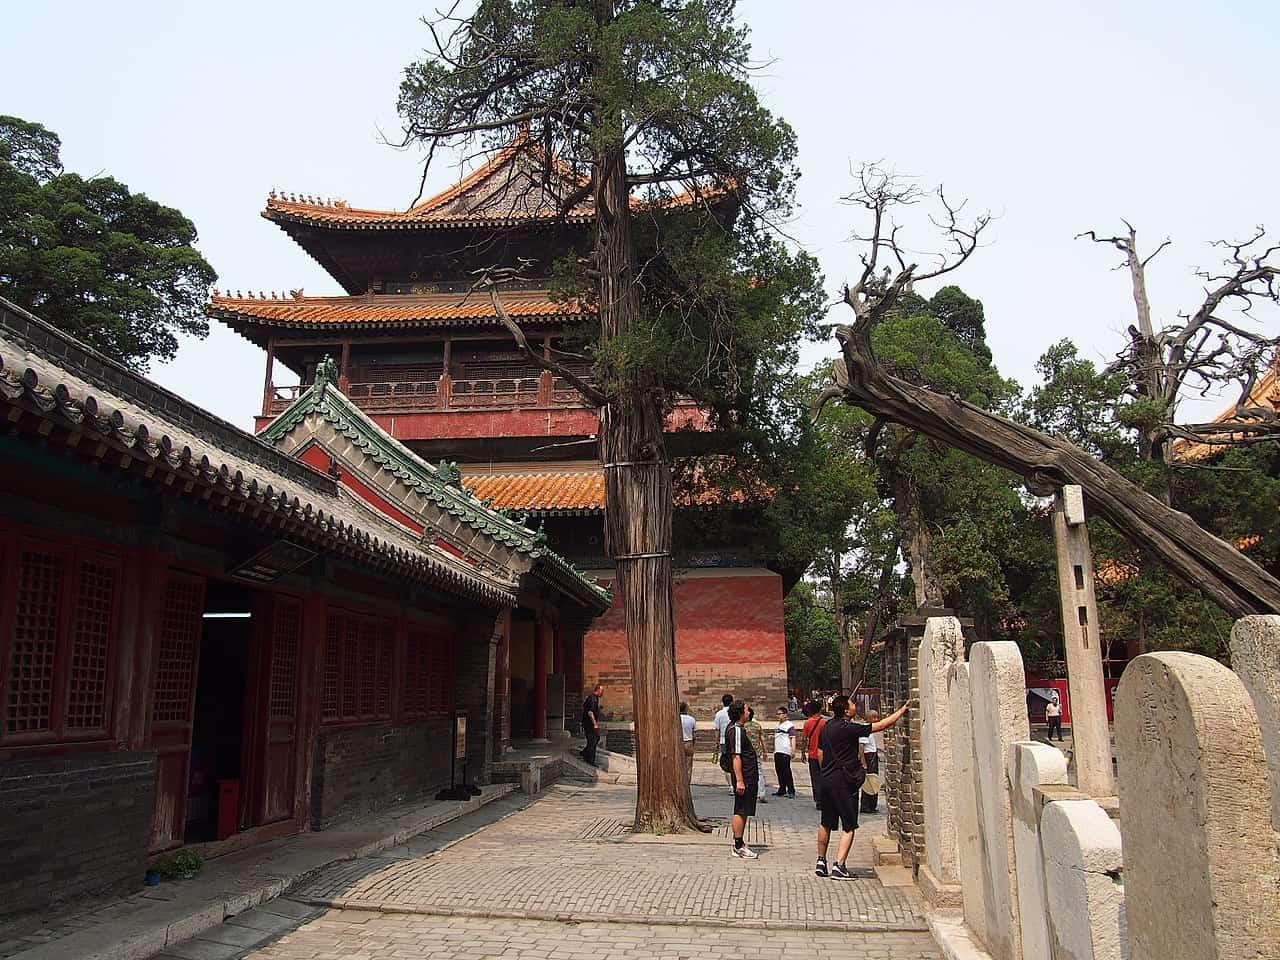 temple of confucius in Qufu